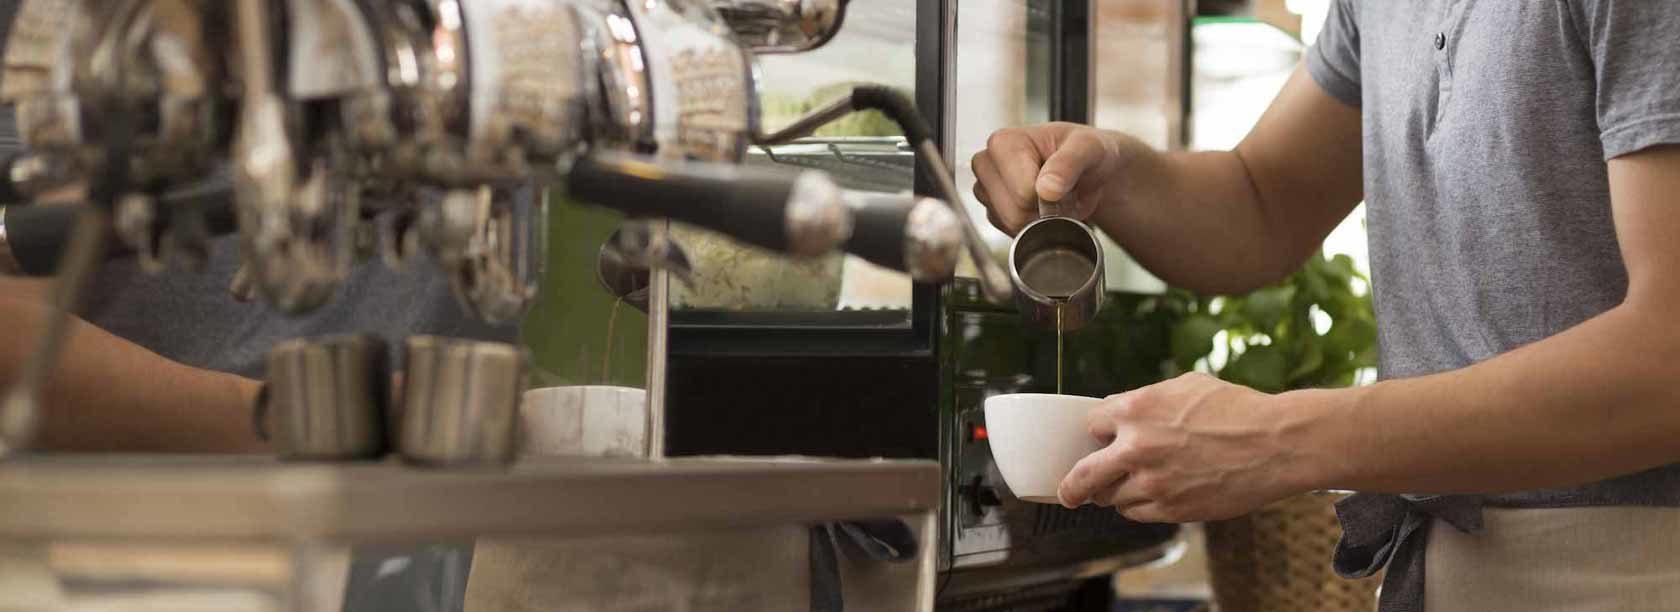 Kaffeemaschinen Reparatur Berlin